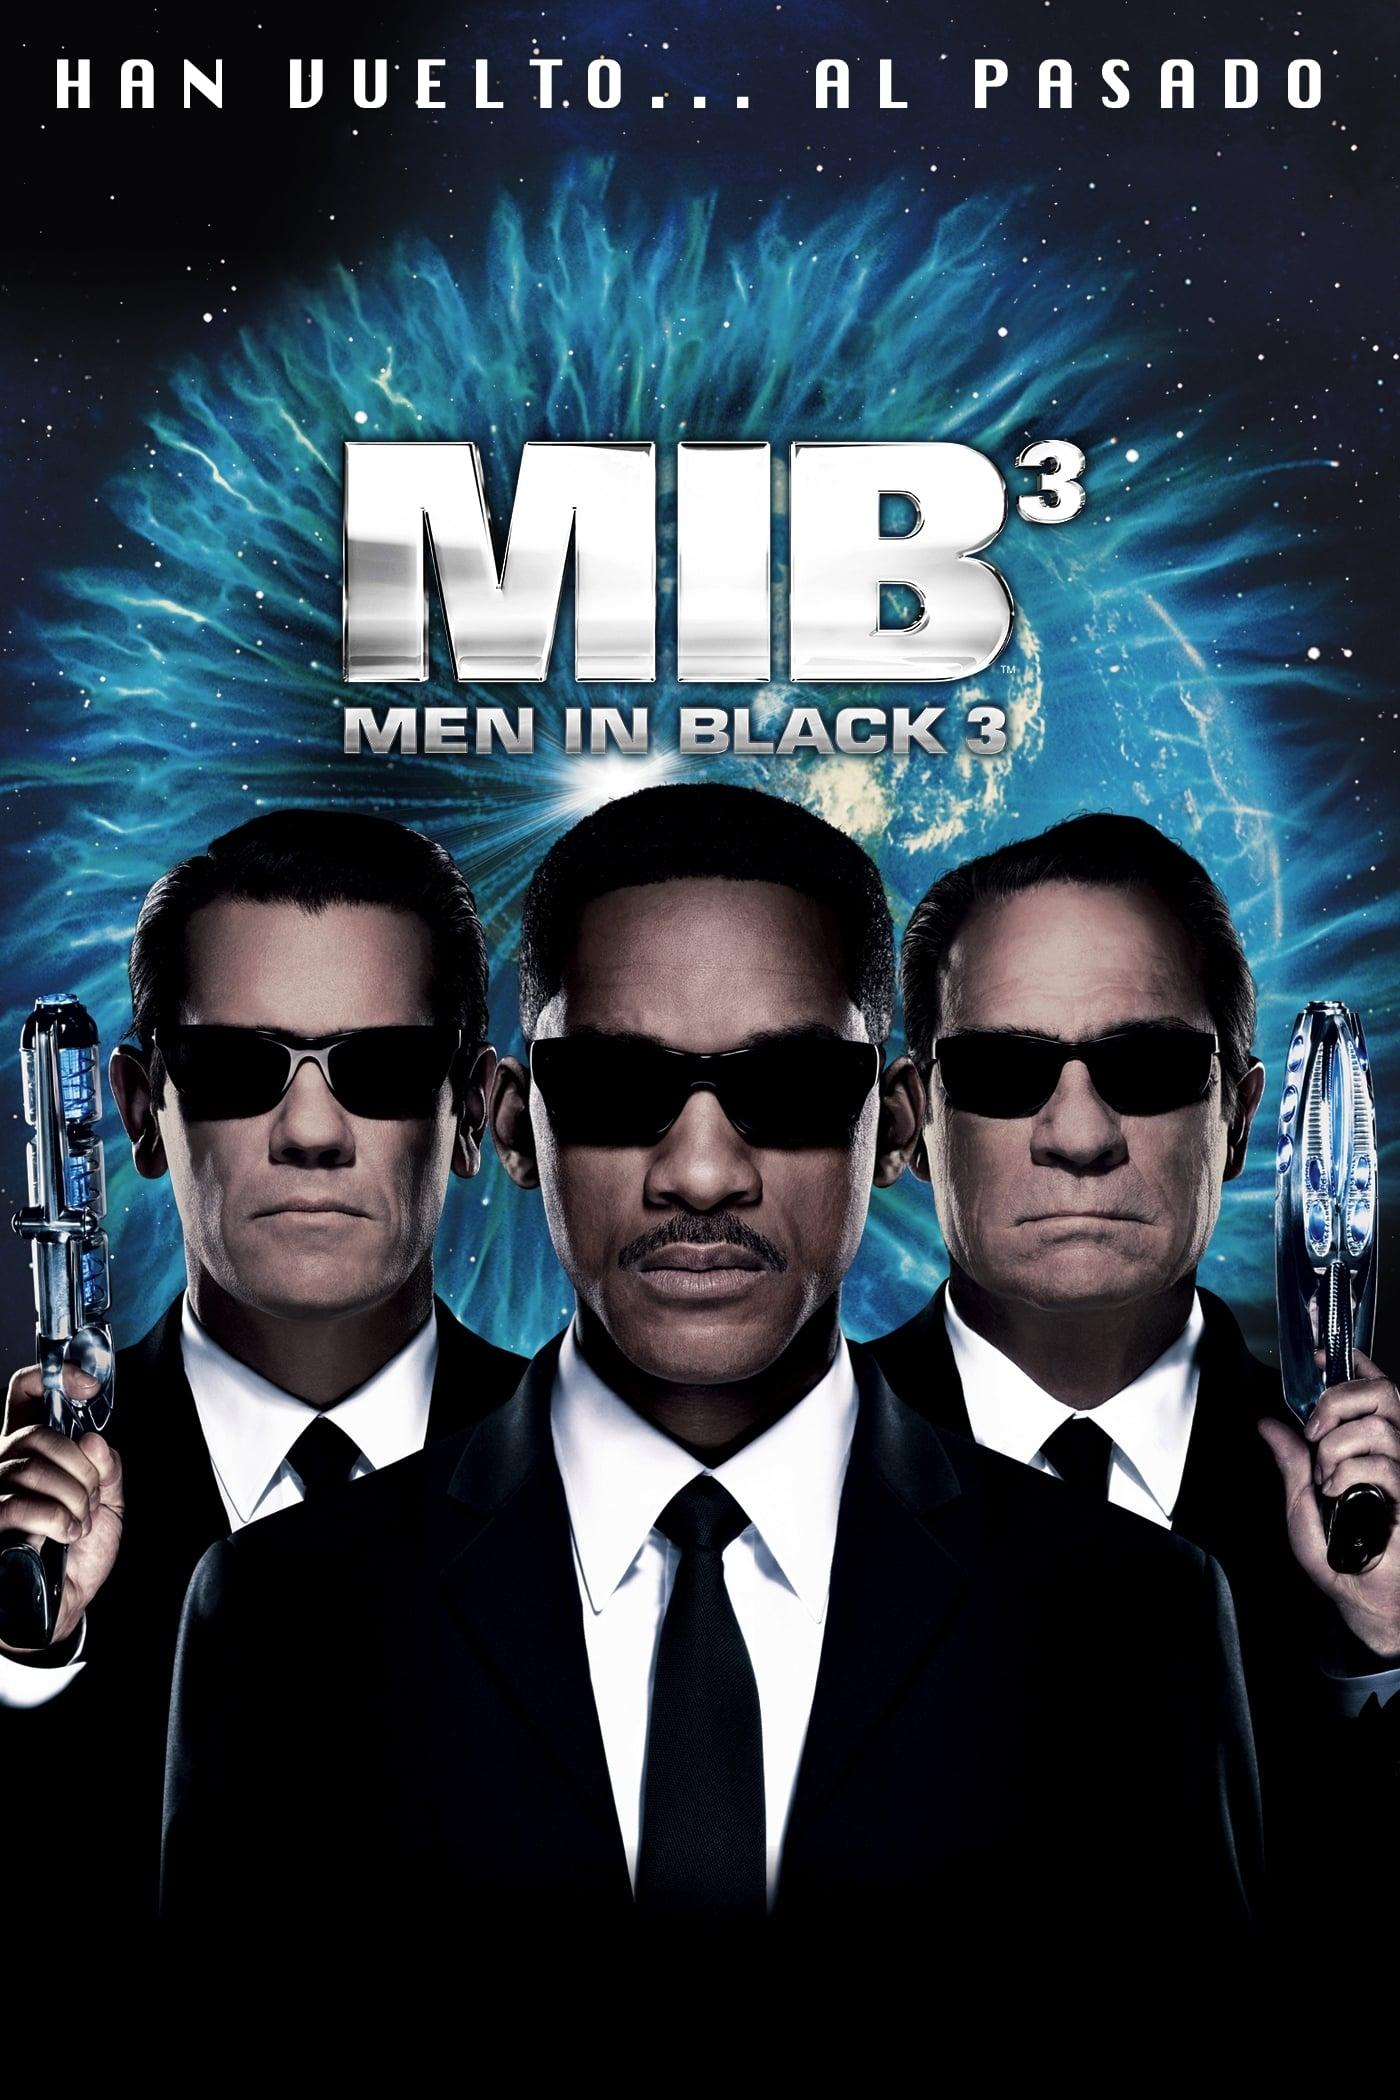 Imagen 1 Men in Black 3